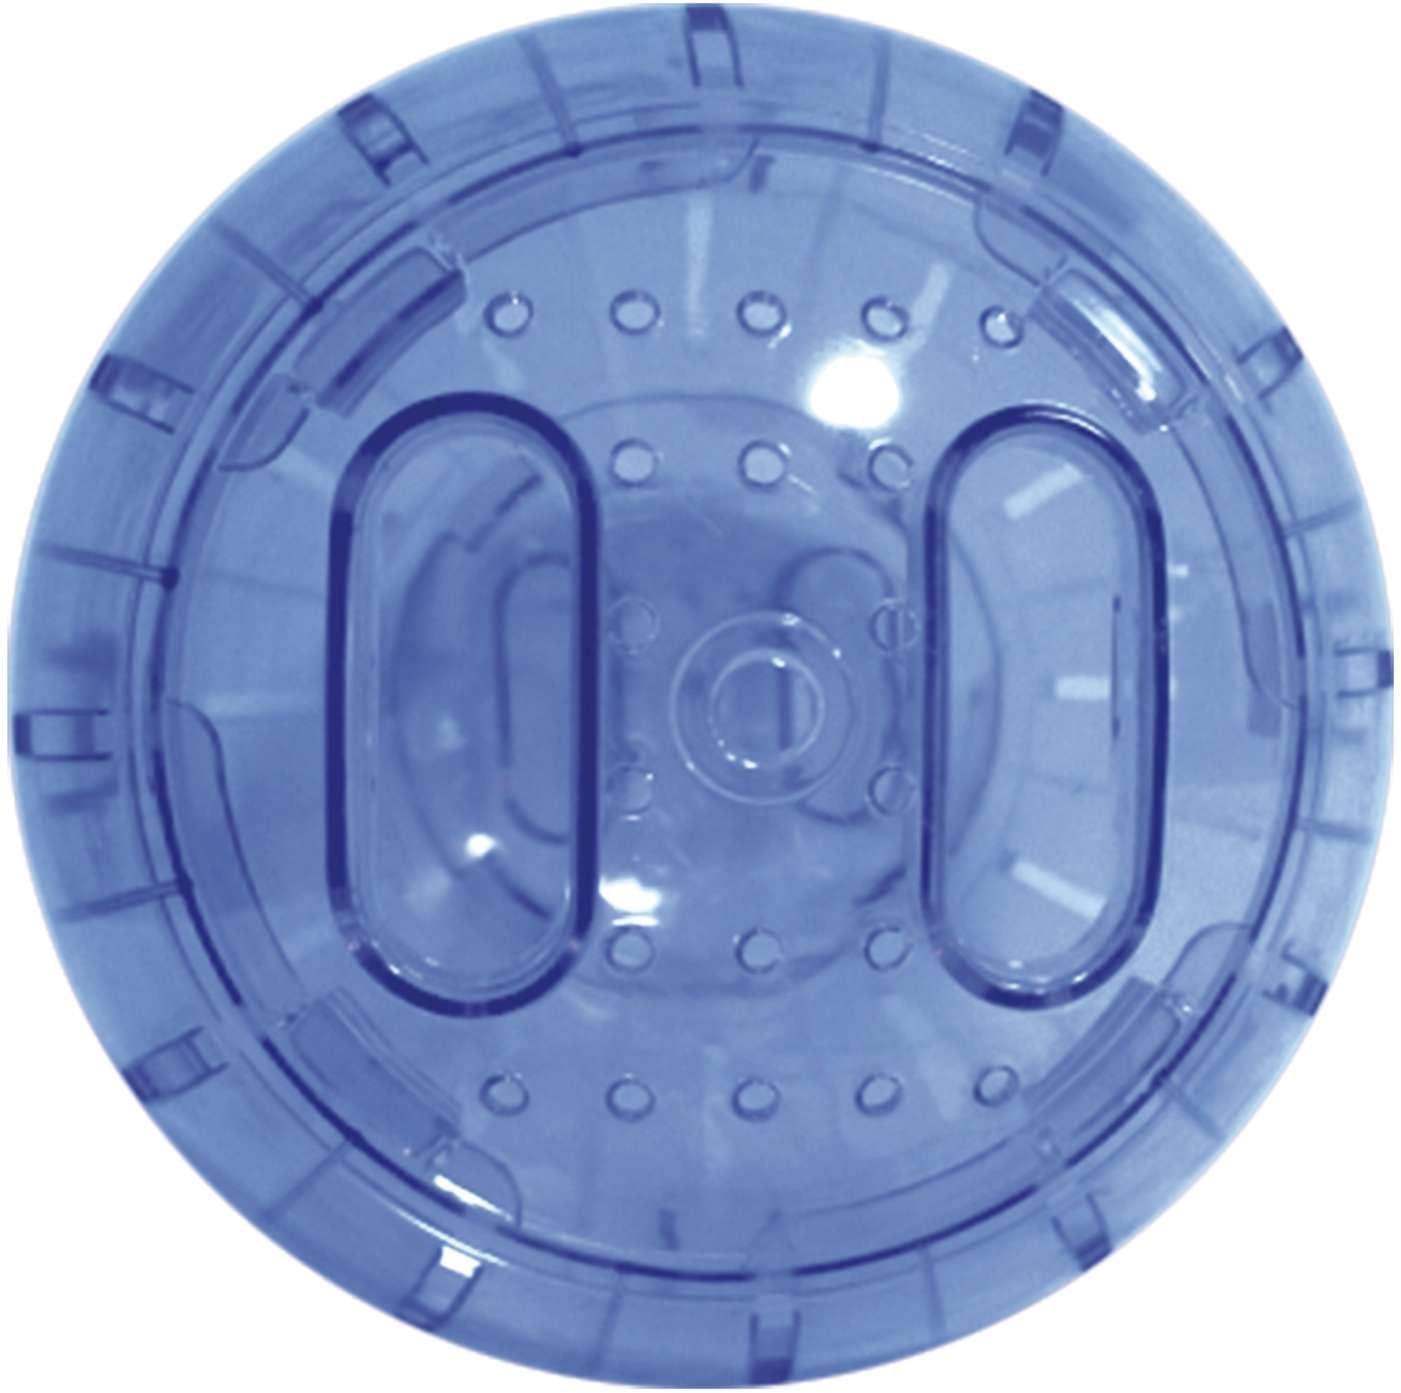 ICA GD10012 Accesorio de Recreo Bola de Ejercicios para Roedores